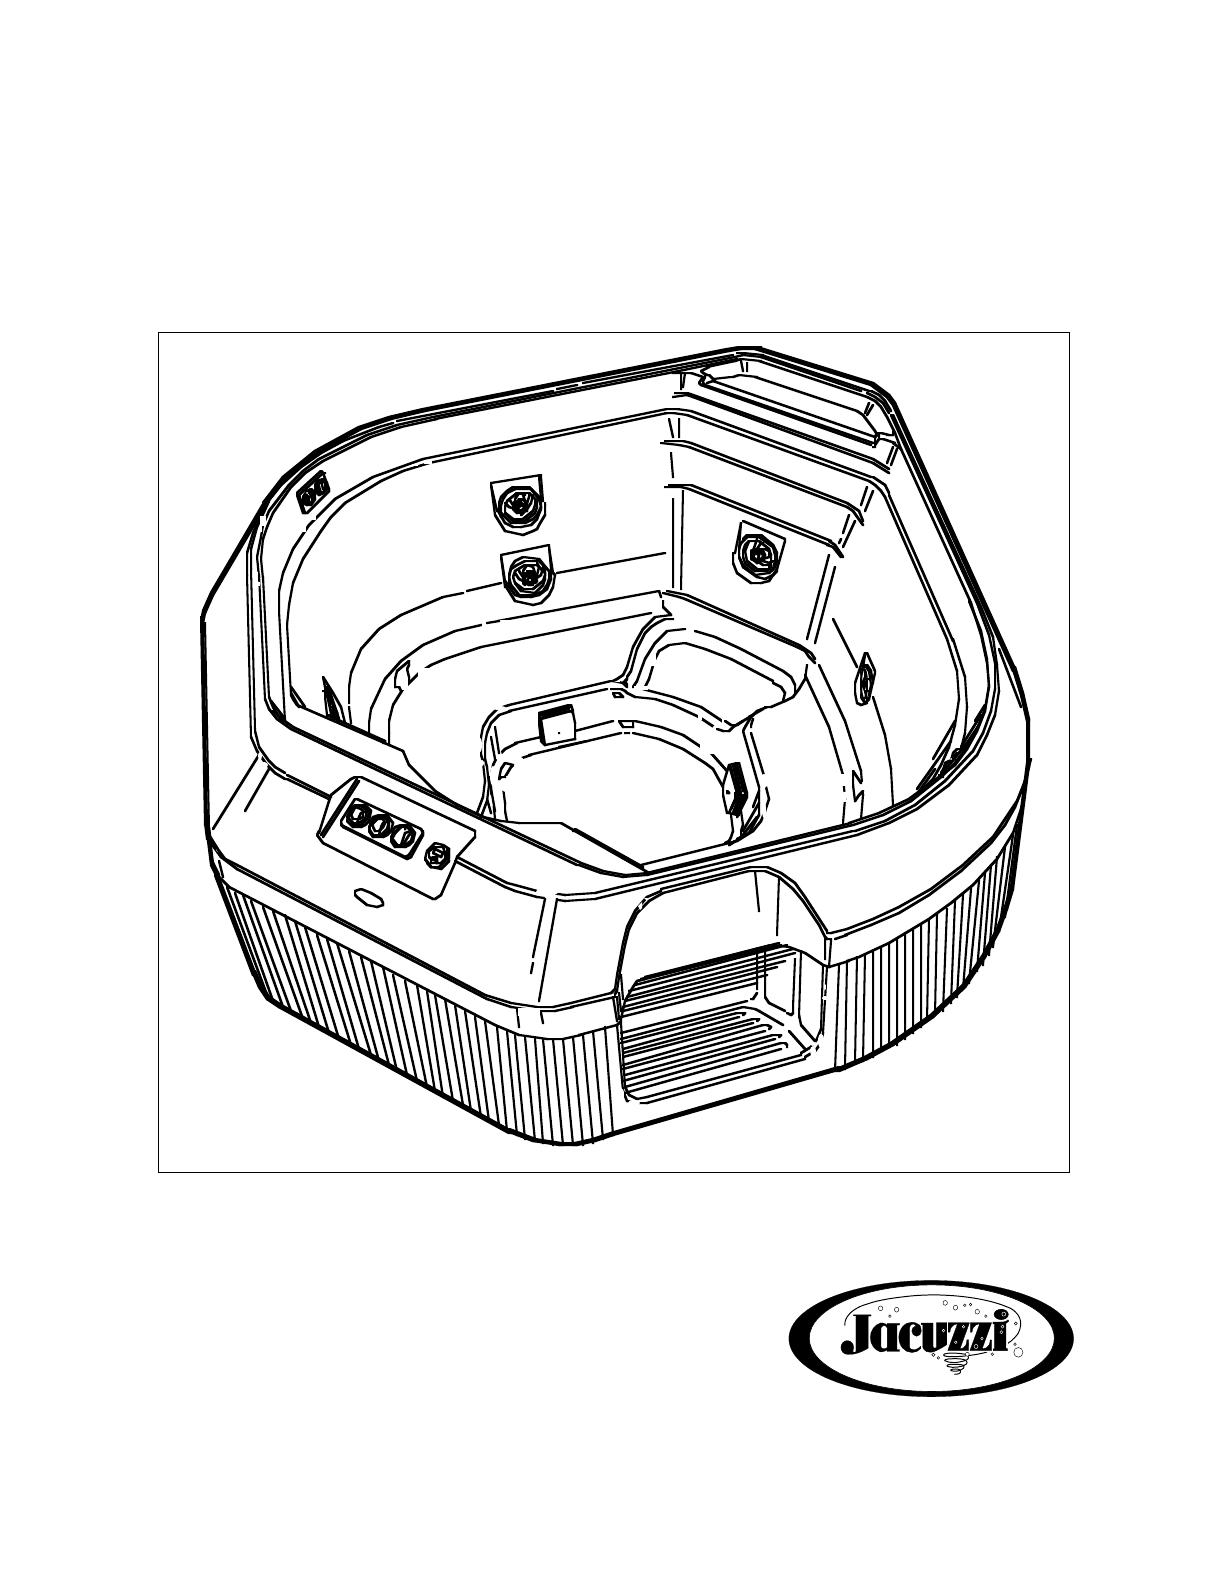 Hot Tub Drawing At Getdrawings